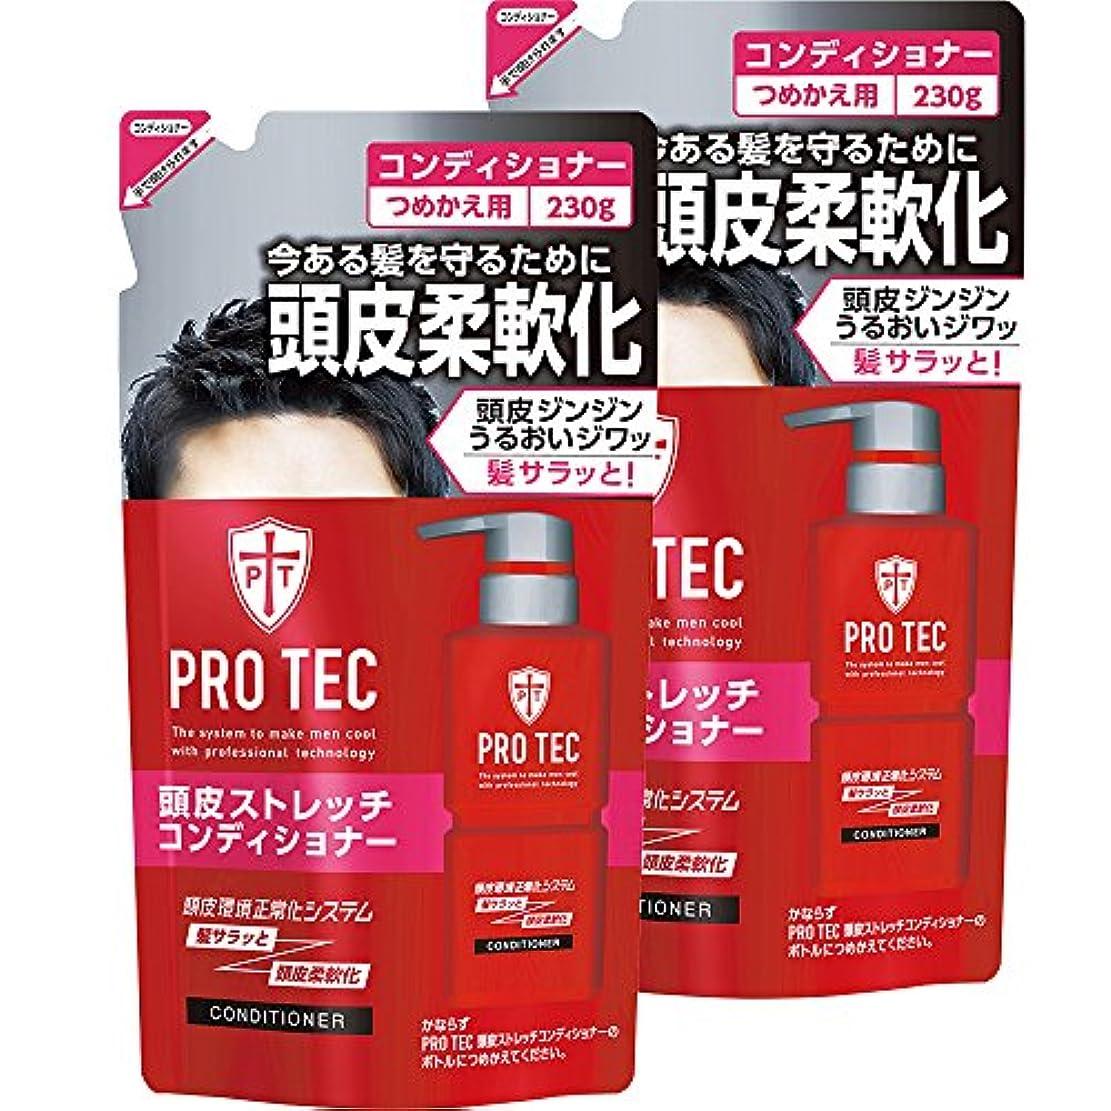 植物学トリップぶどう【まとめ買い】PRO TEC(プロテク) 頭皮ストレッチ コンディショナー 詰め替え 230g×2個パック(医薬部外品)